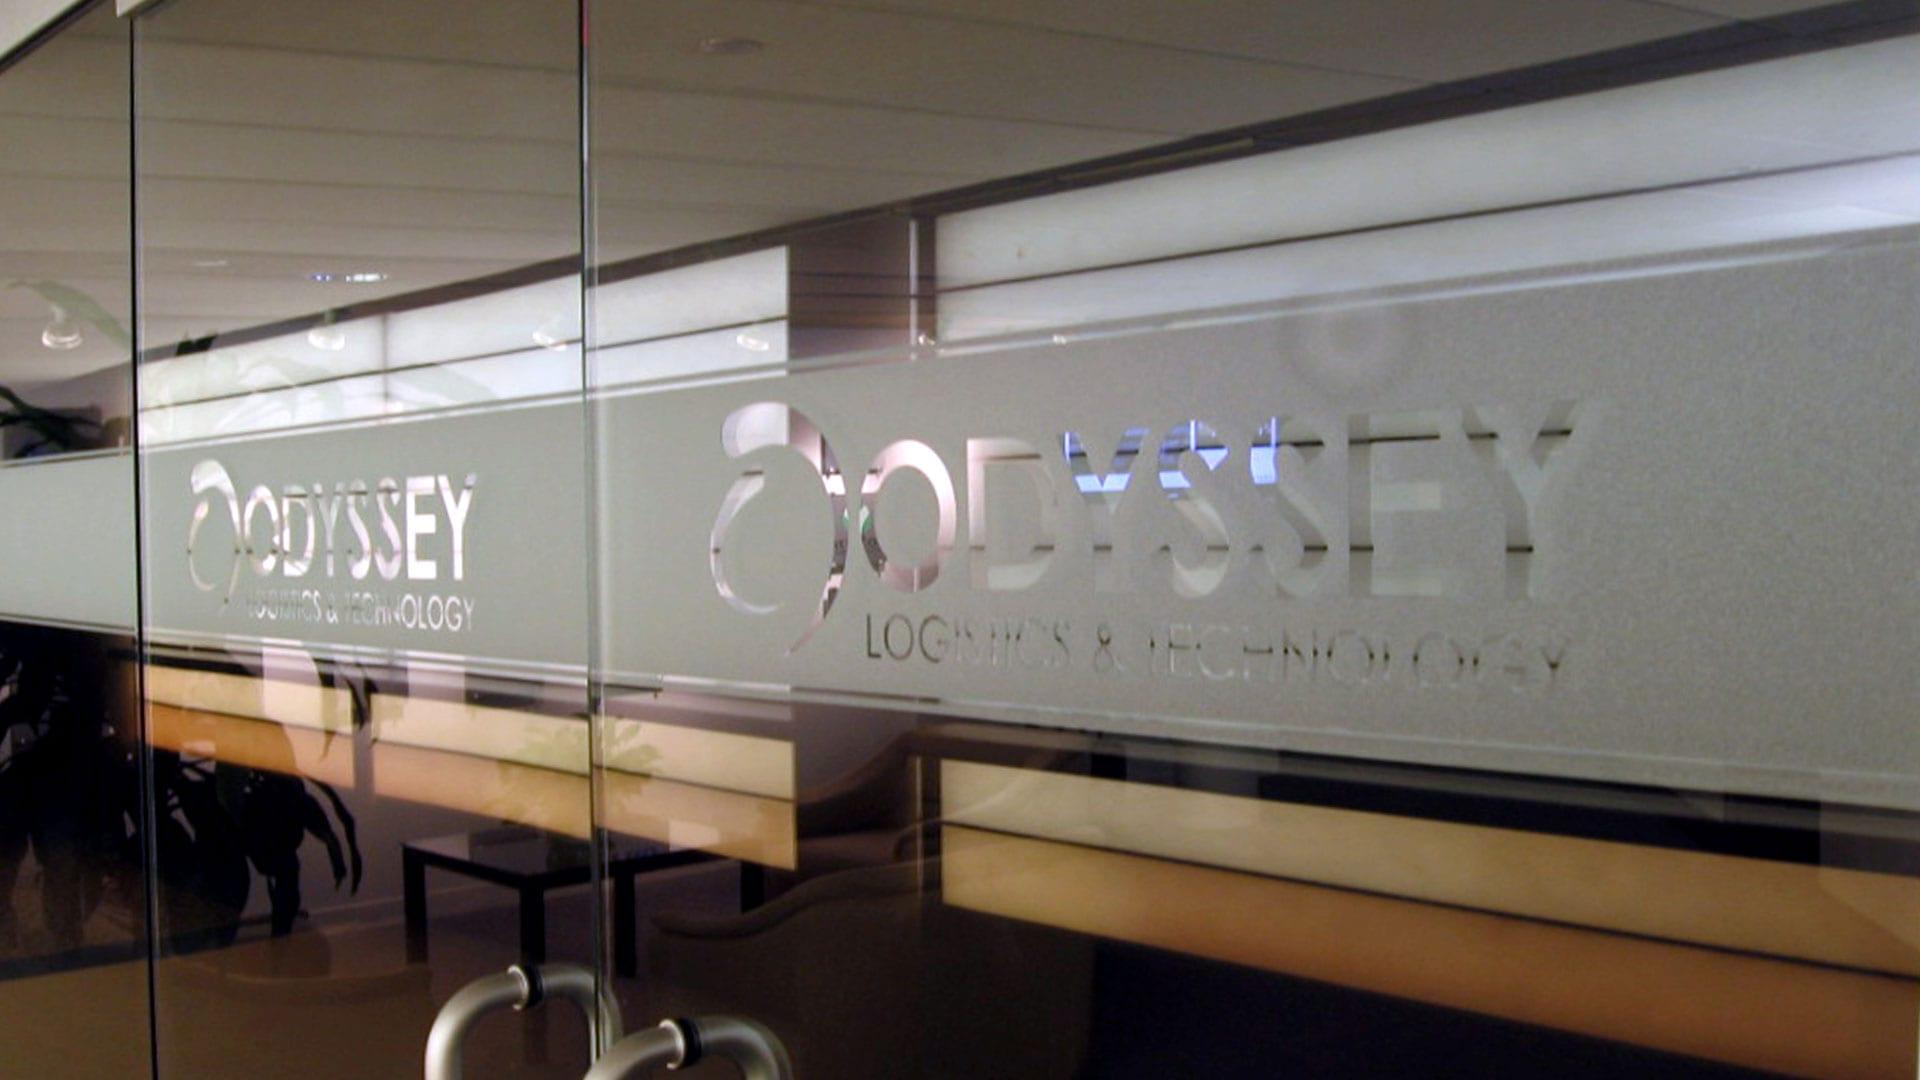 Odyssey door signs